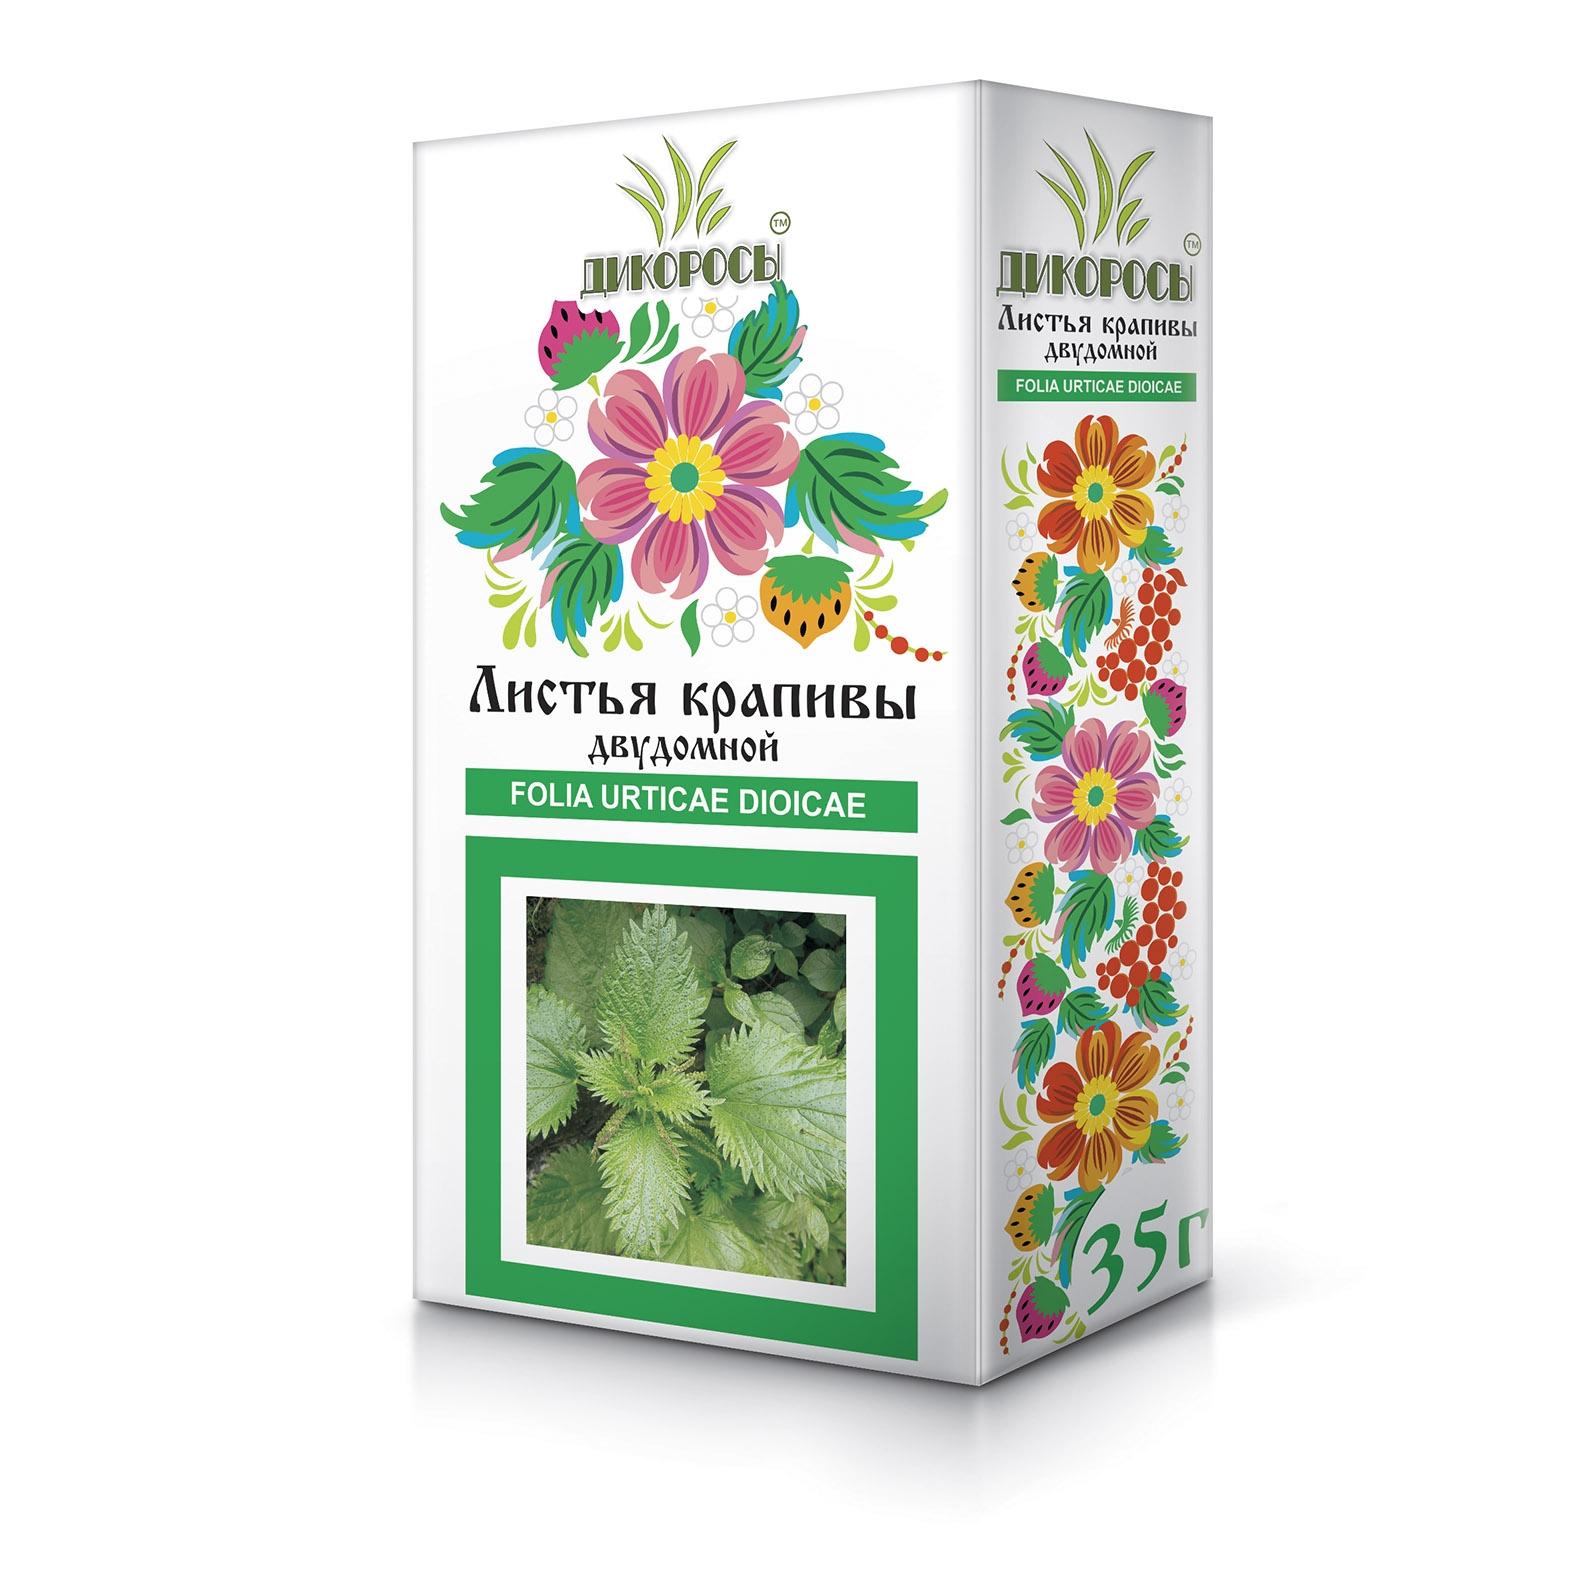 Листья крапивы двудомной: применение, лечебные свойства и противопоказания